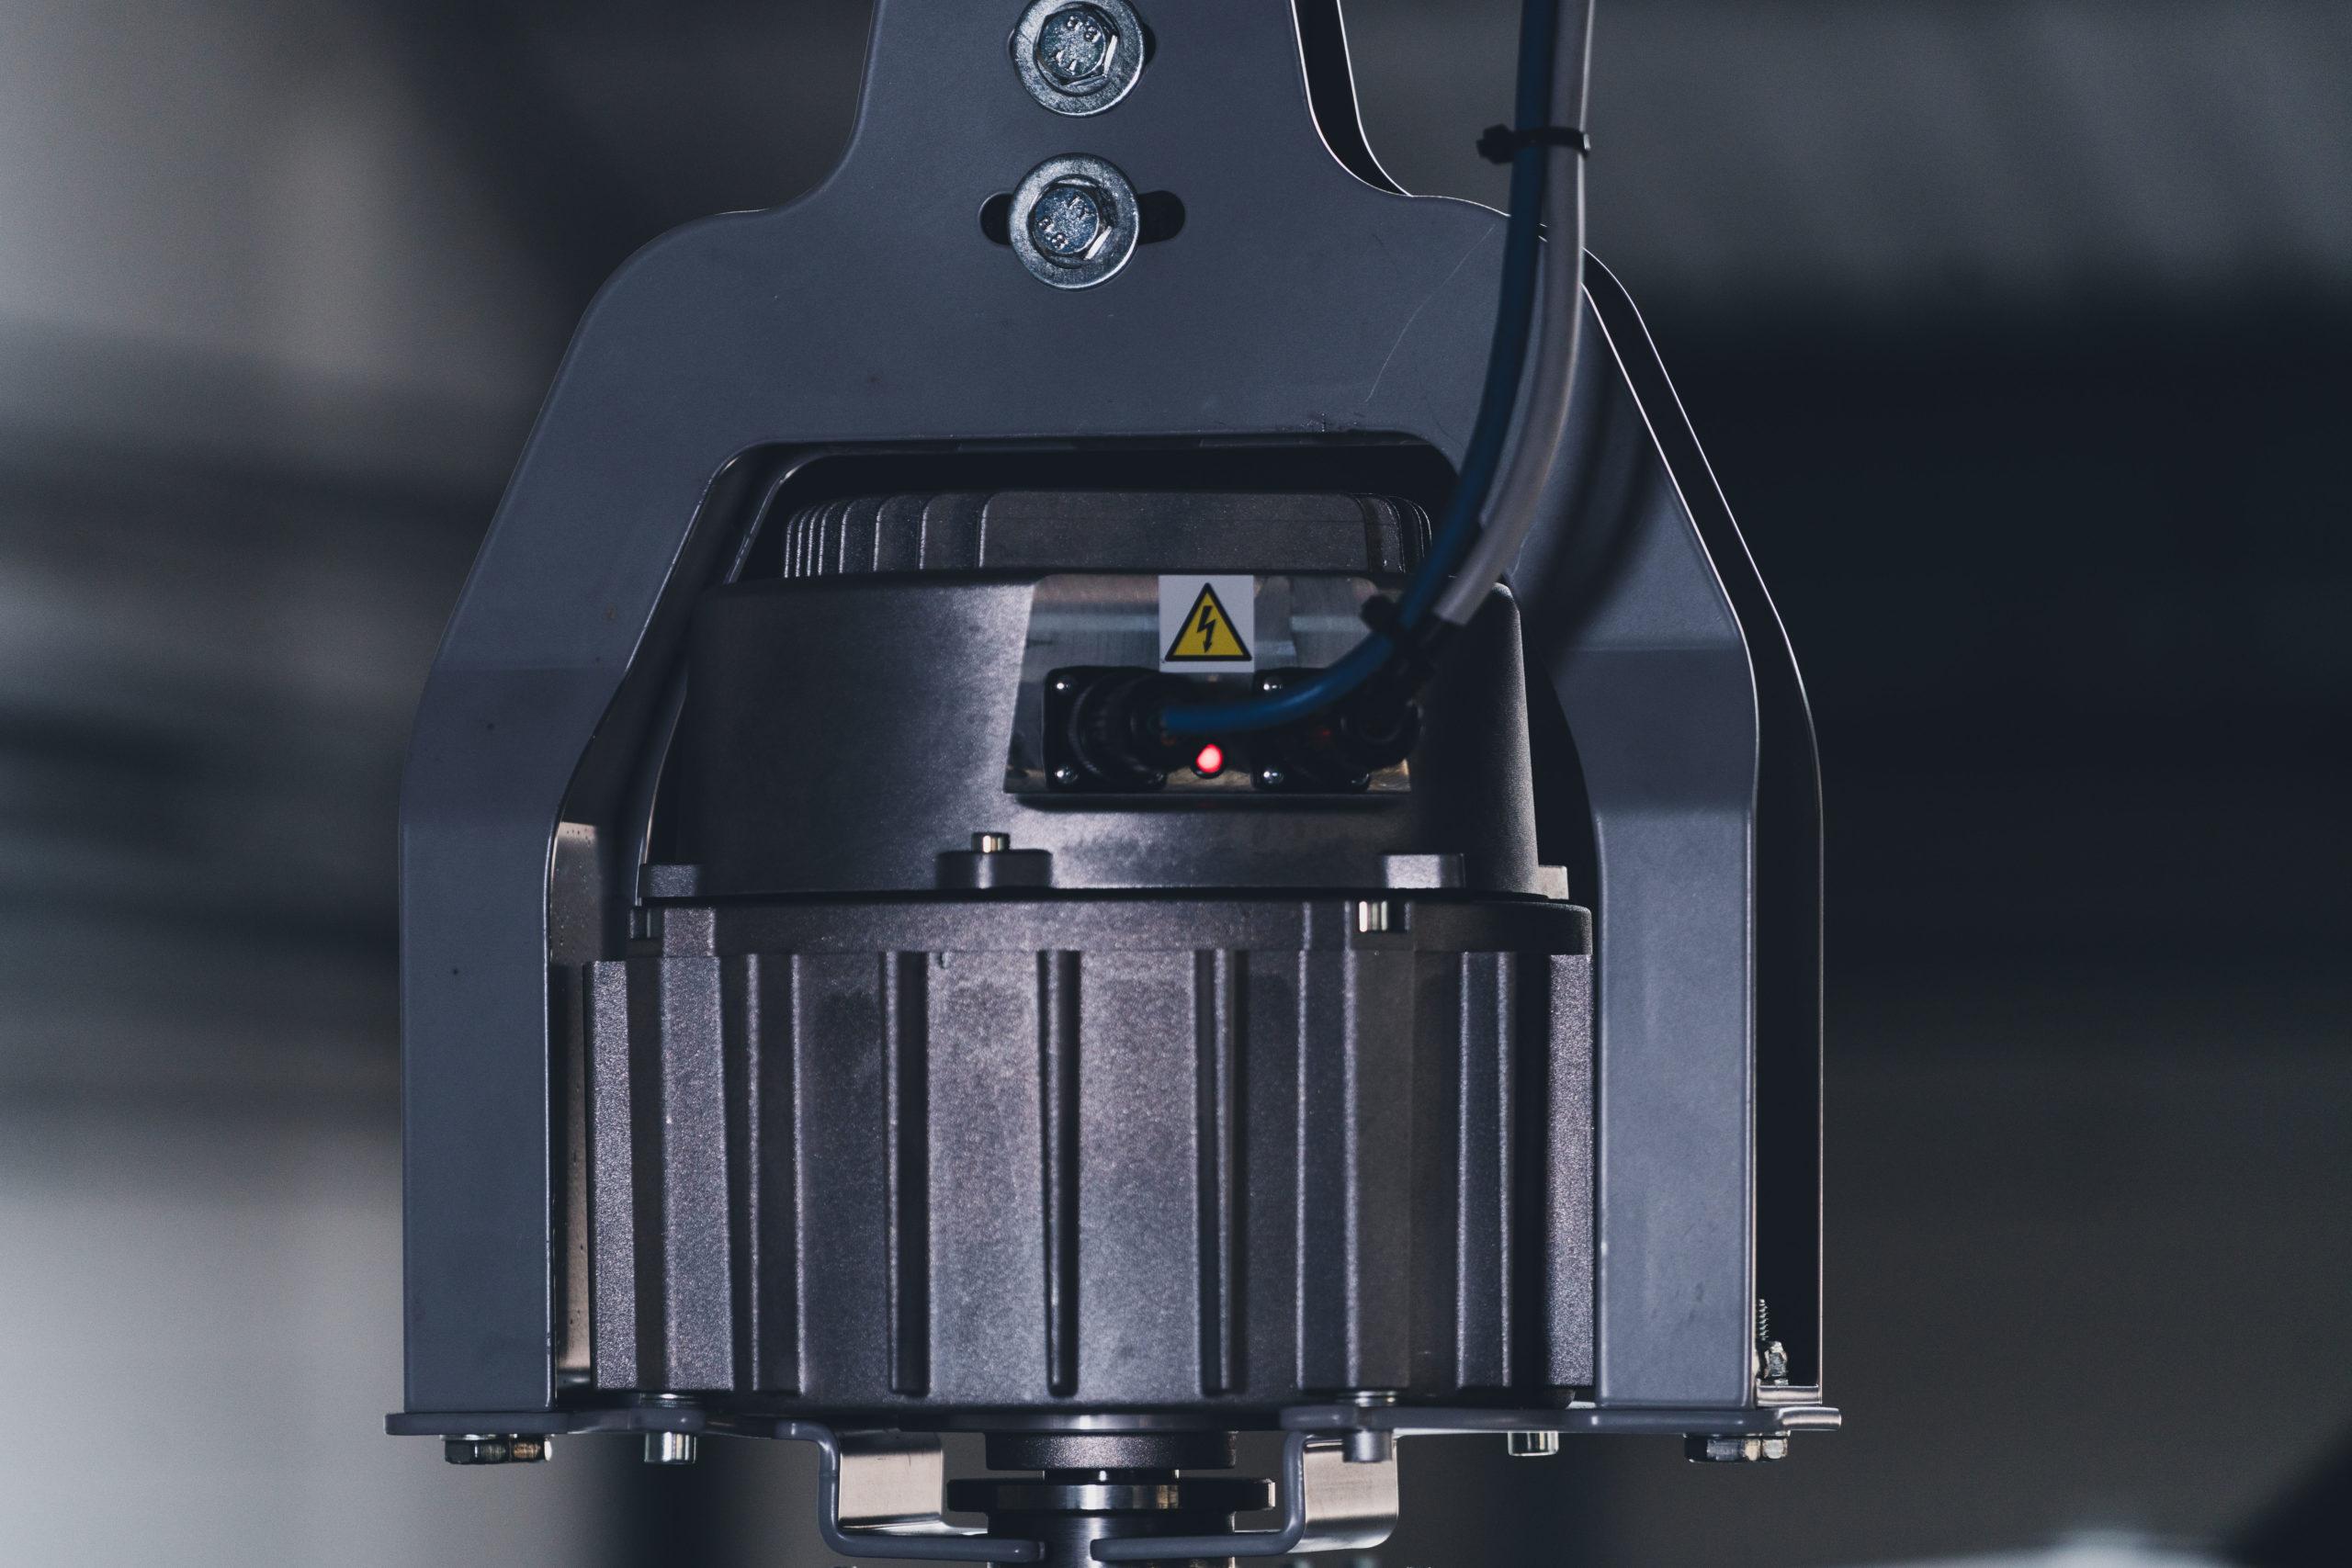 Optimvent® - Los mejores Ventiladores Industriales HVLS de techo - Ventiladores HVLS Optimvent - Motor Brushless HVLS scaled - Optimvent® - Los mejores Ventiladores Industriales HVLS de techo